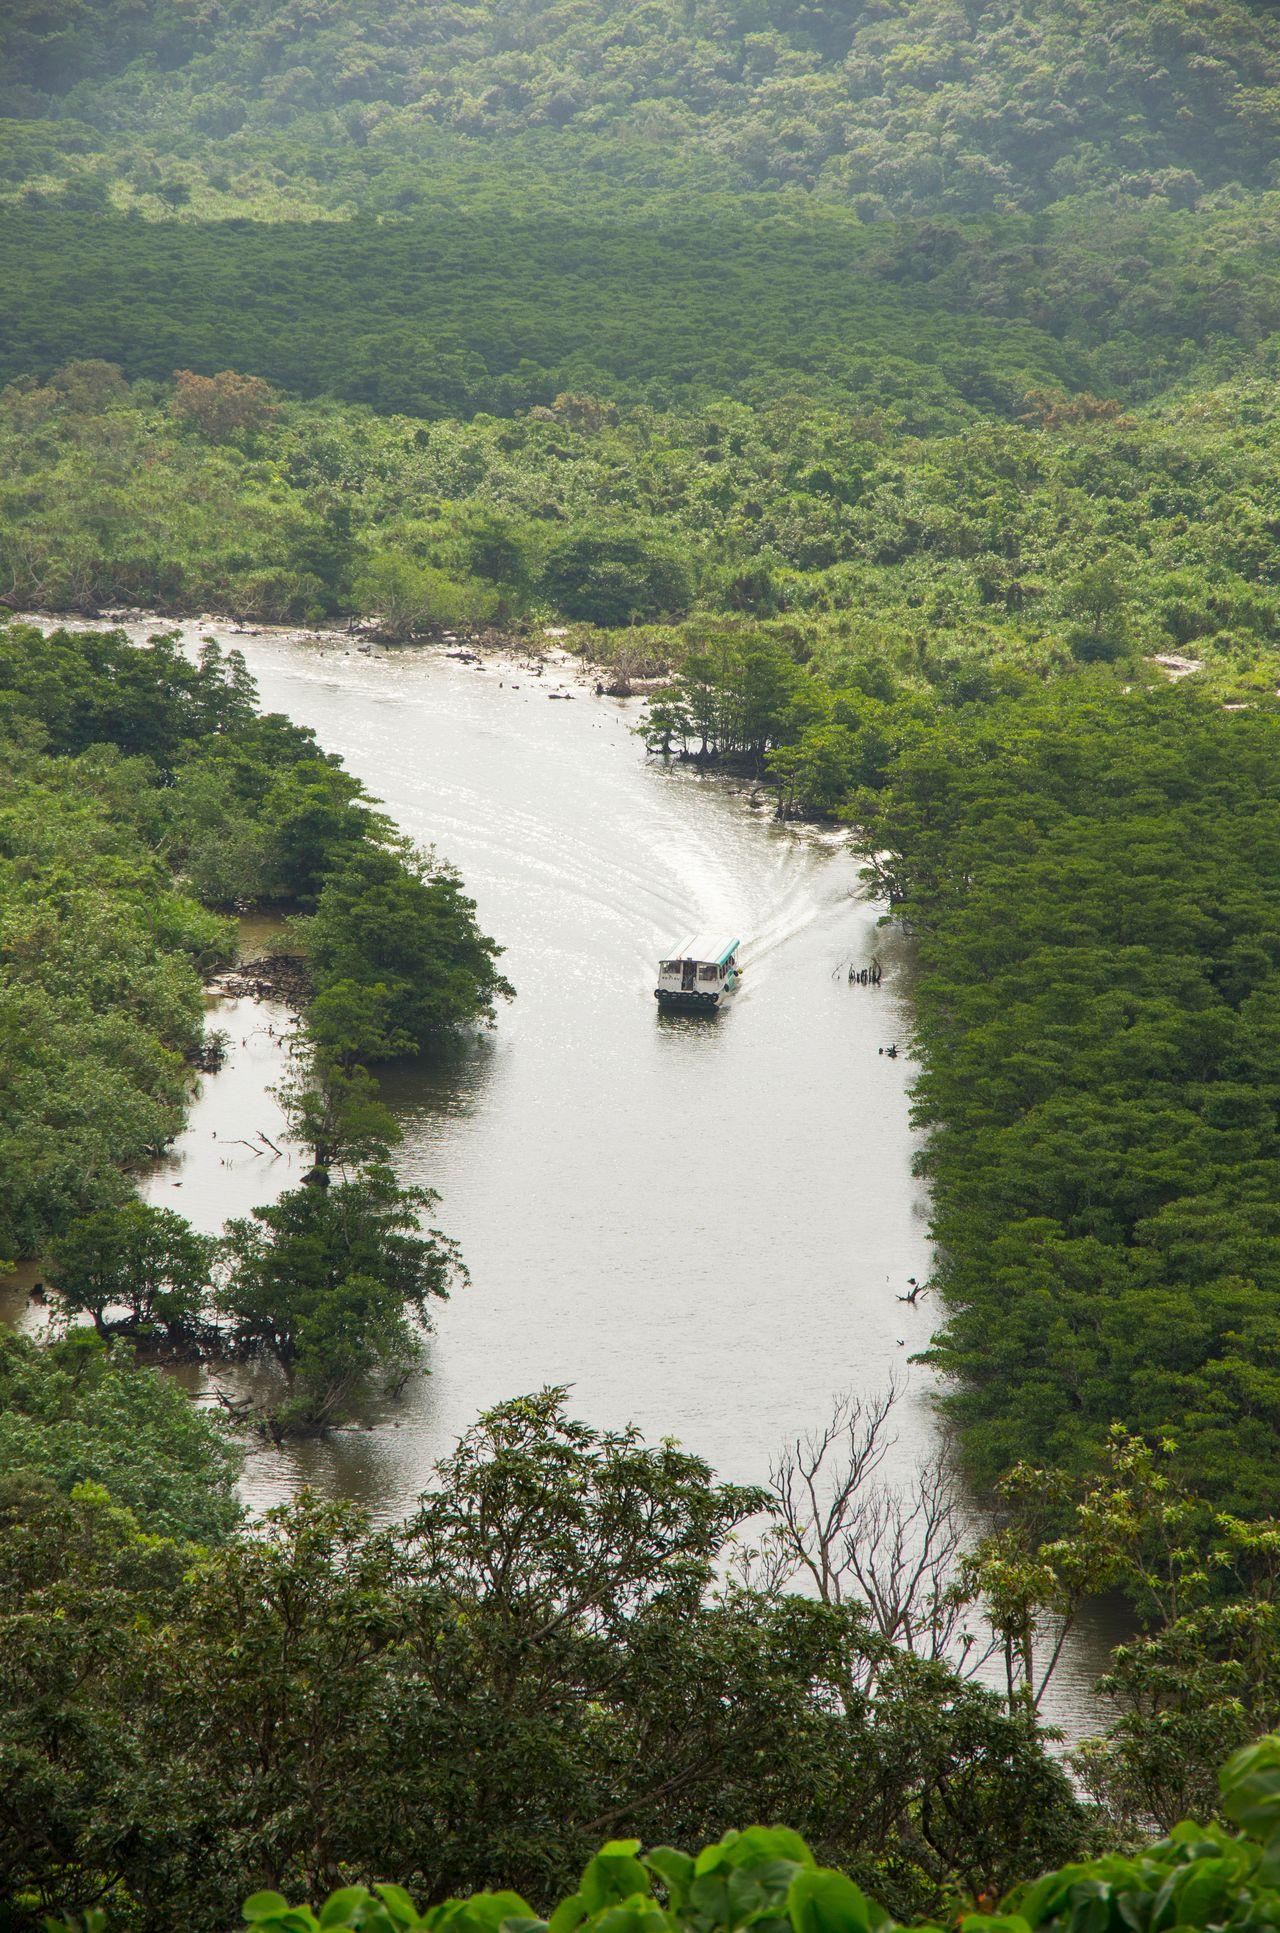 Круиз по реке Накама рядом с мангровым лесом (предоставлено OCVB)